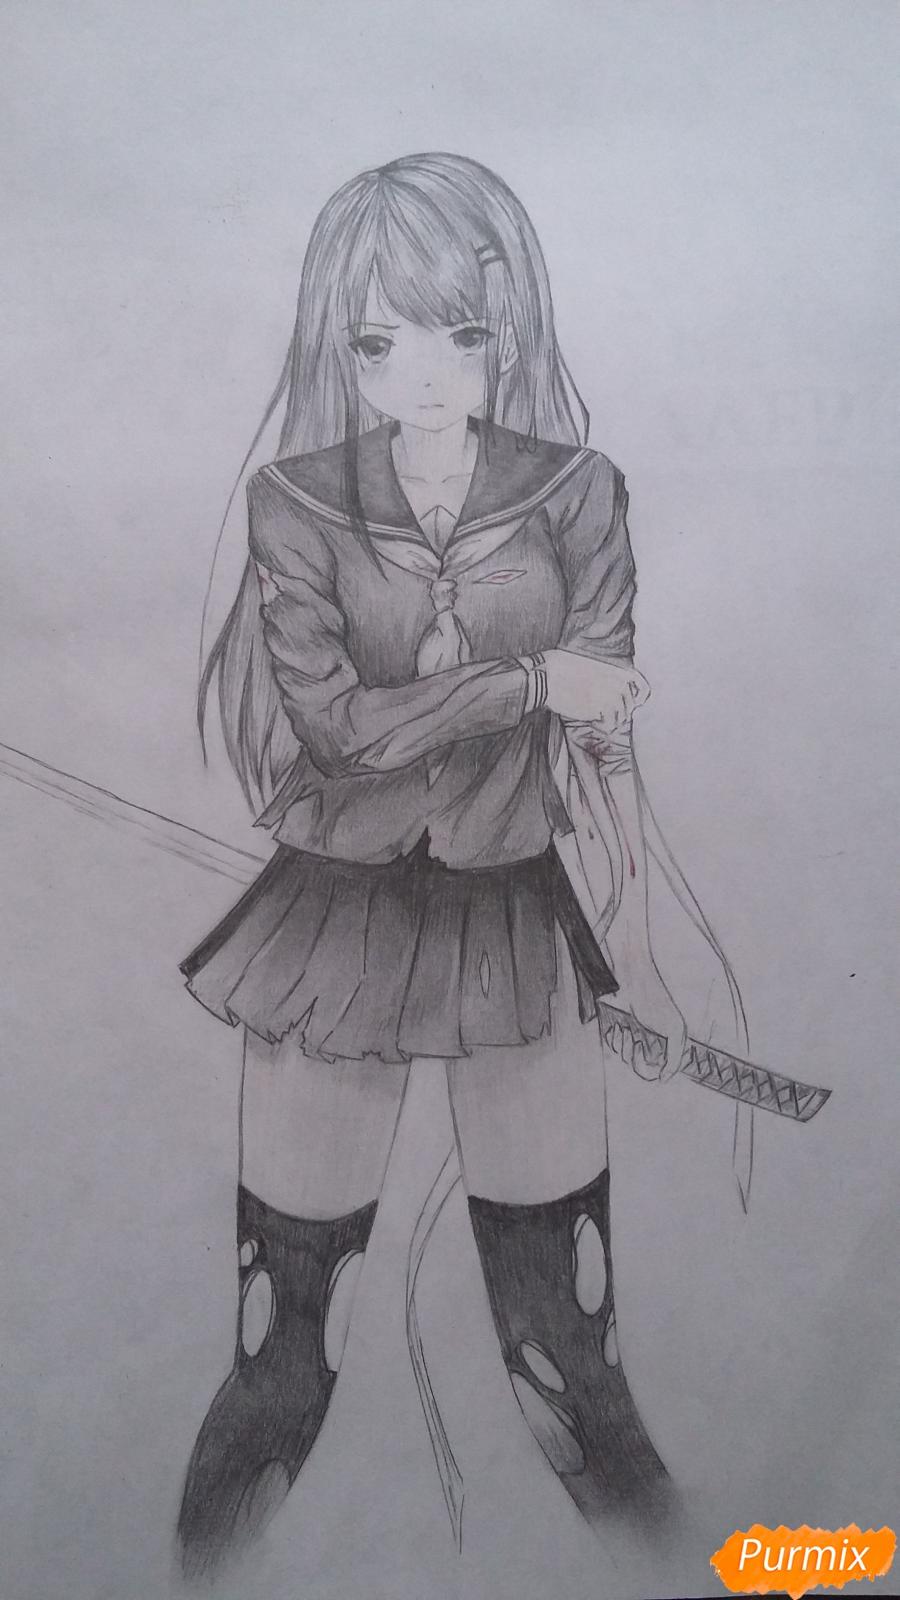 Рисуем девушку с катаной в аниме стиле - шаг 16